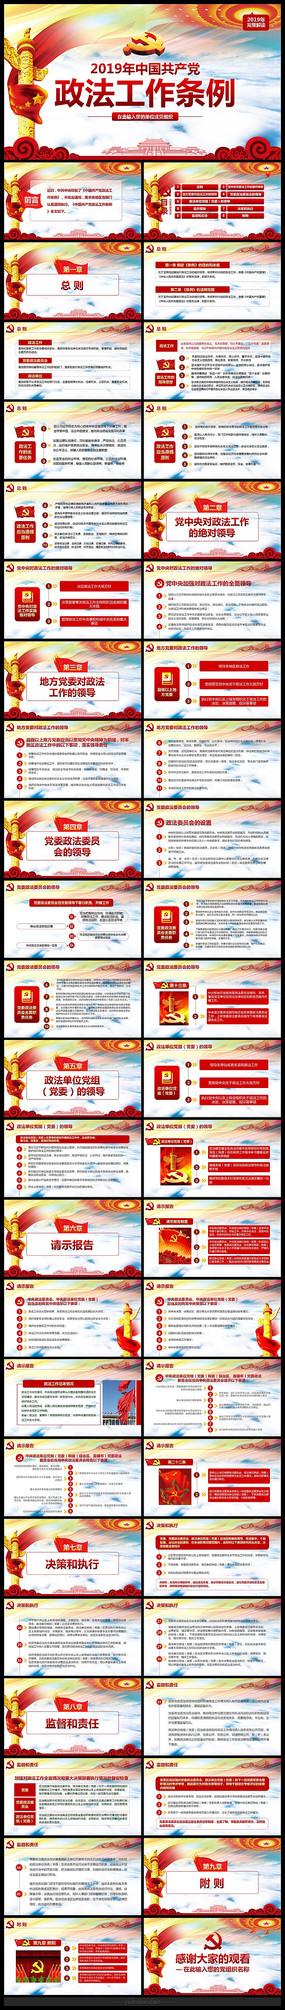 中国共产党政法工作条例PPT pptx